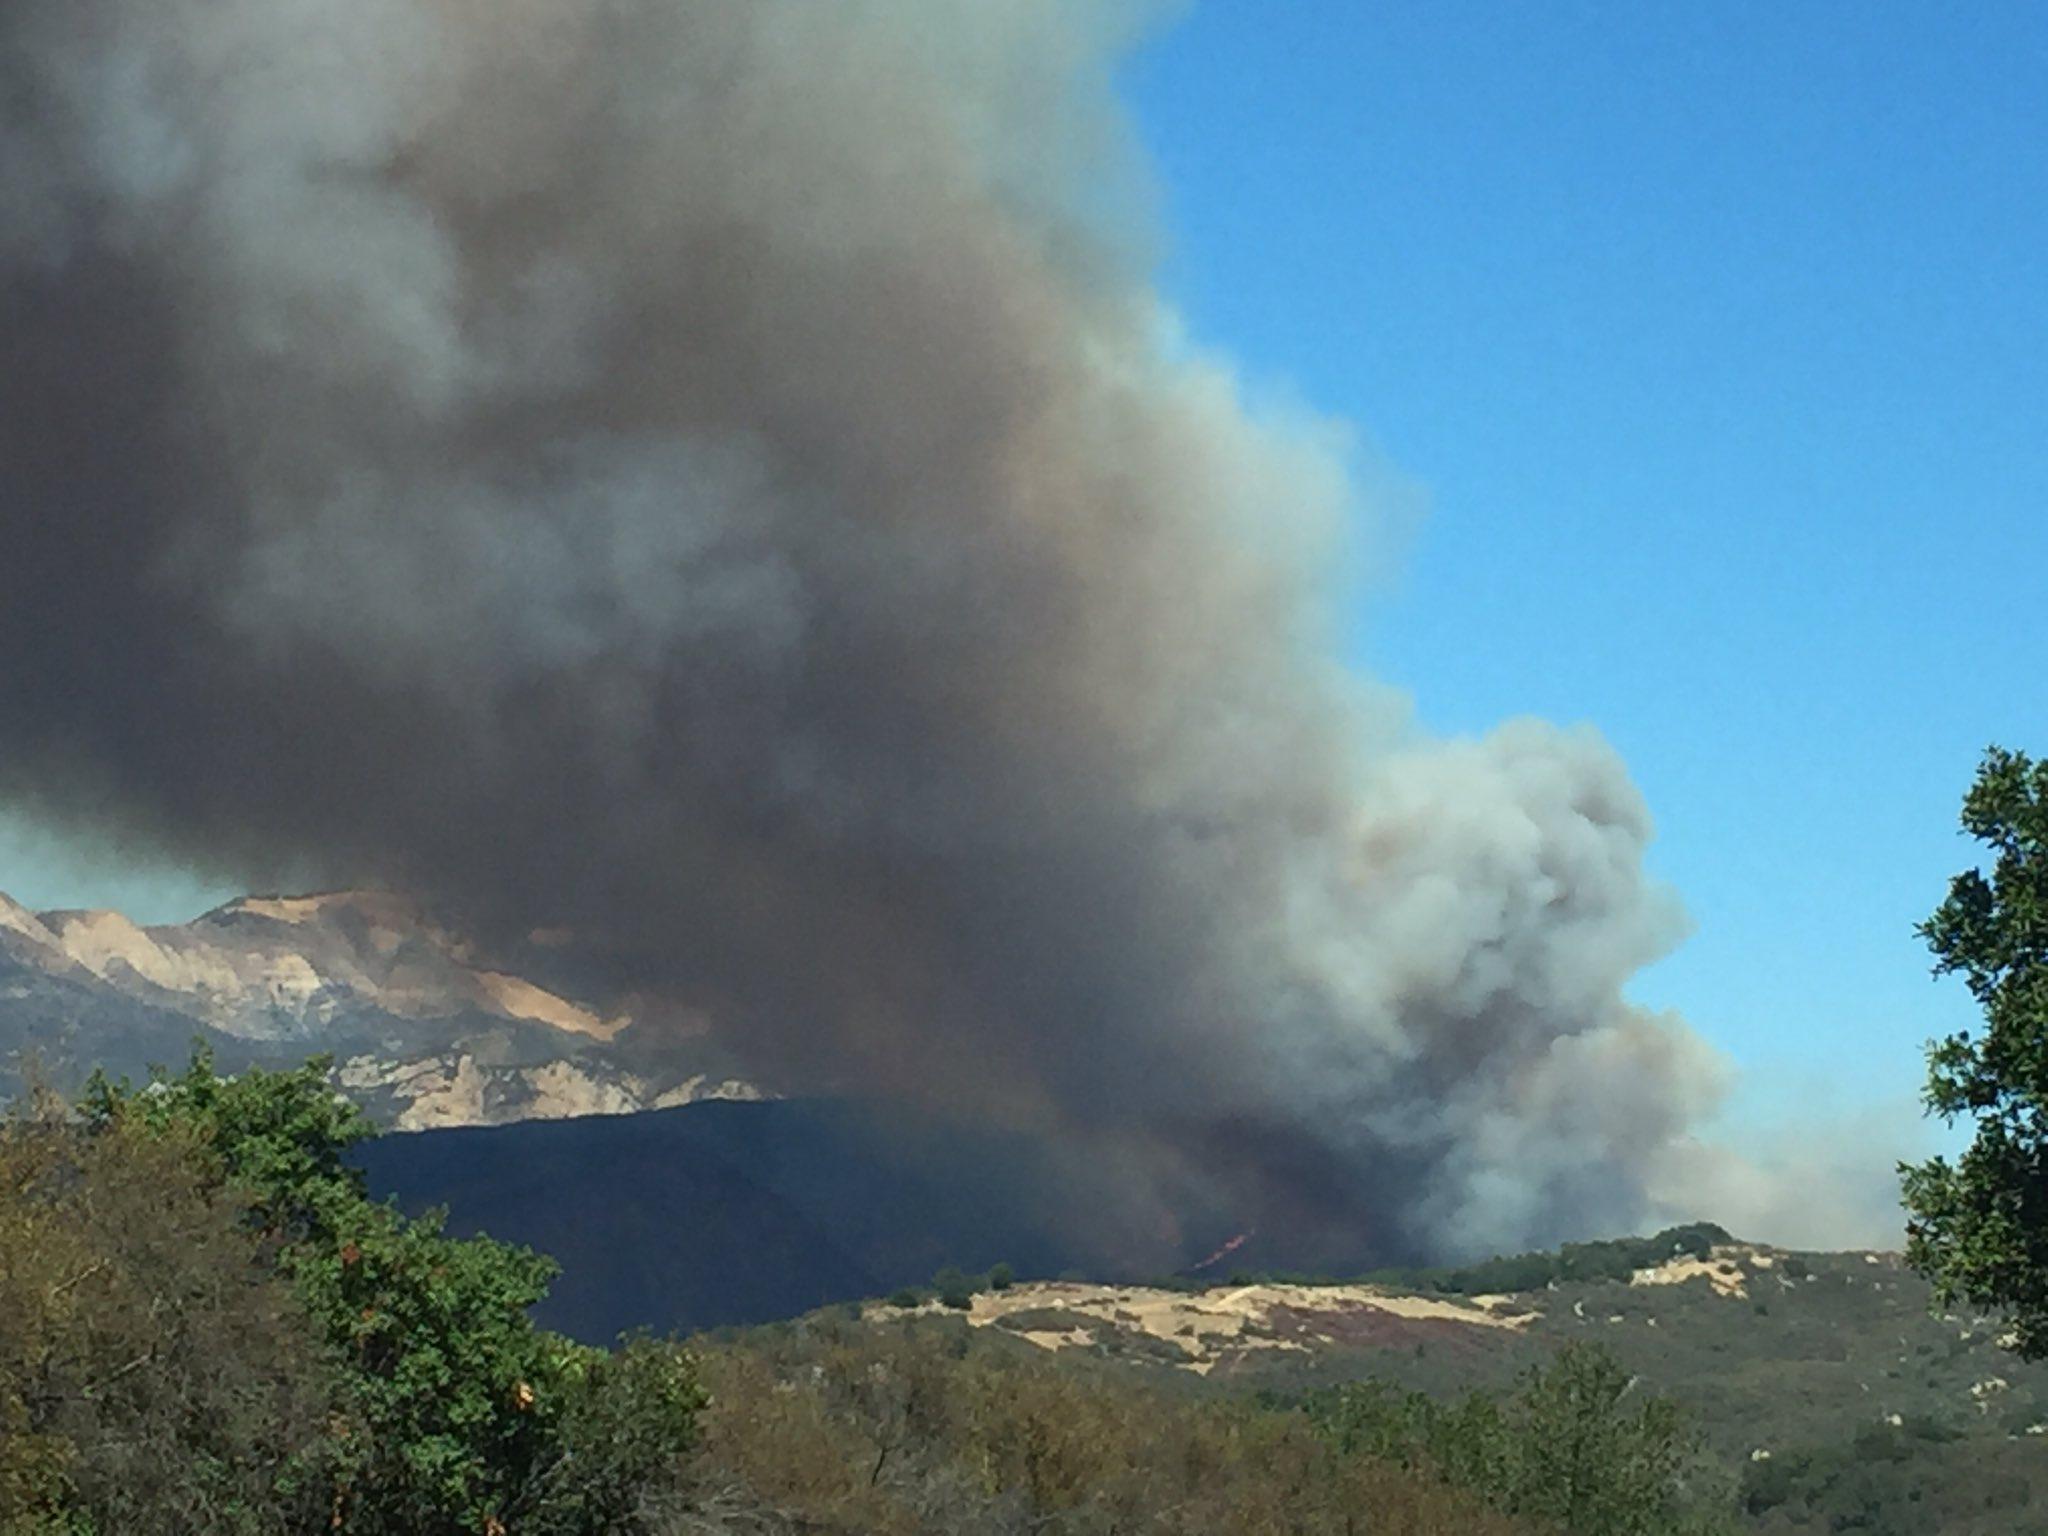 Photo courtesy @EliasonMike/Santa Barbara County Fire/Twitter